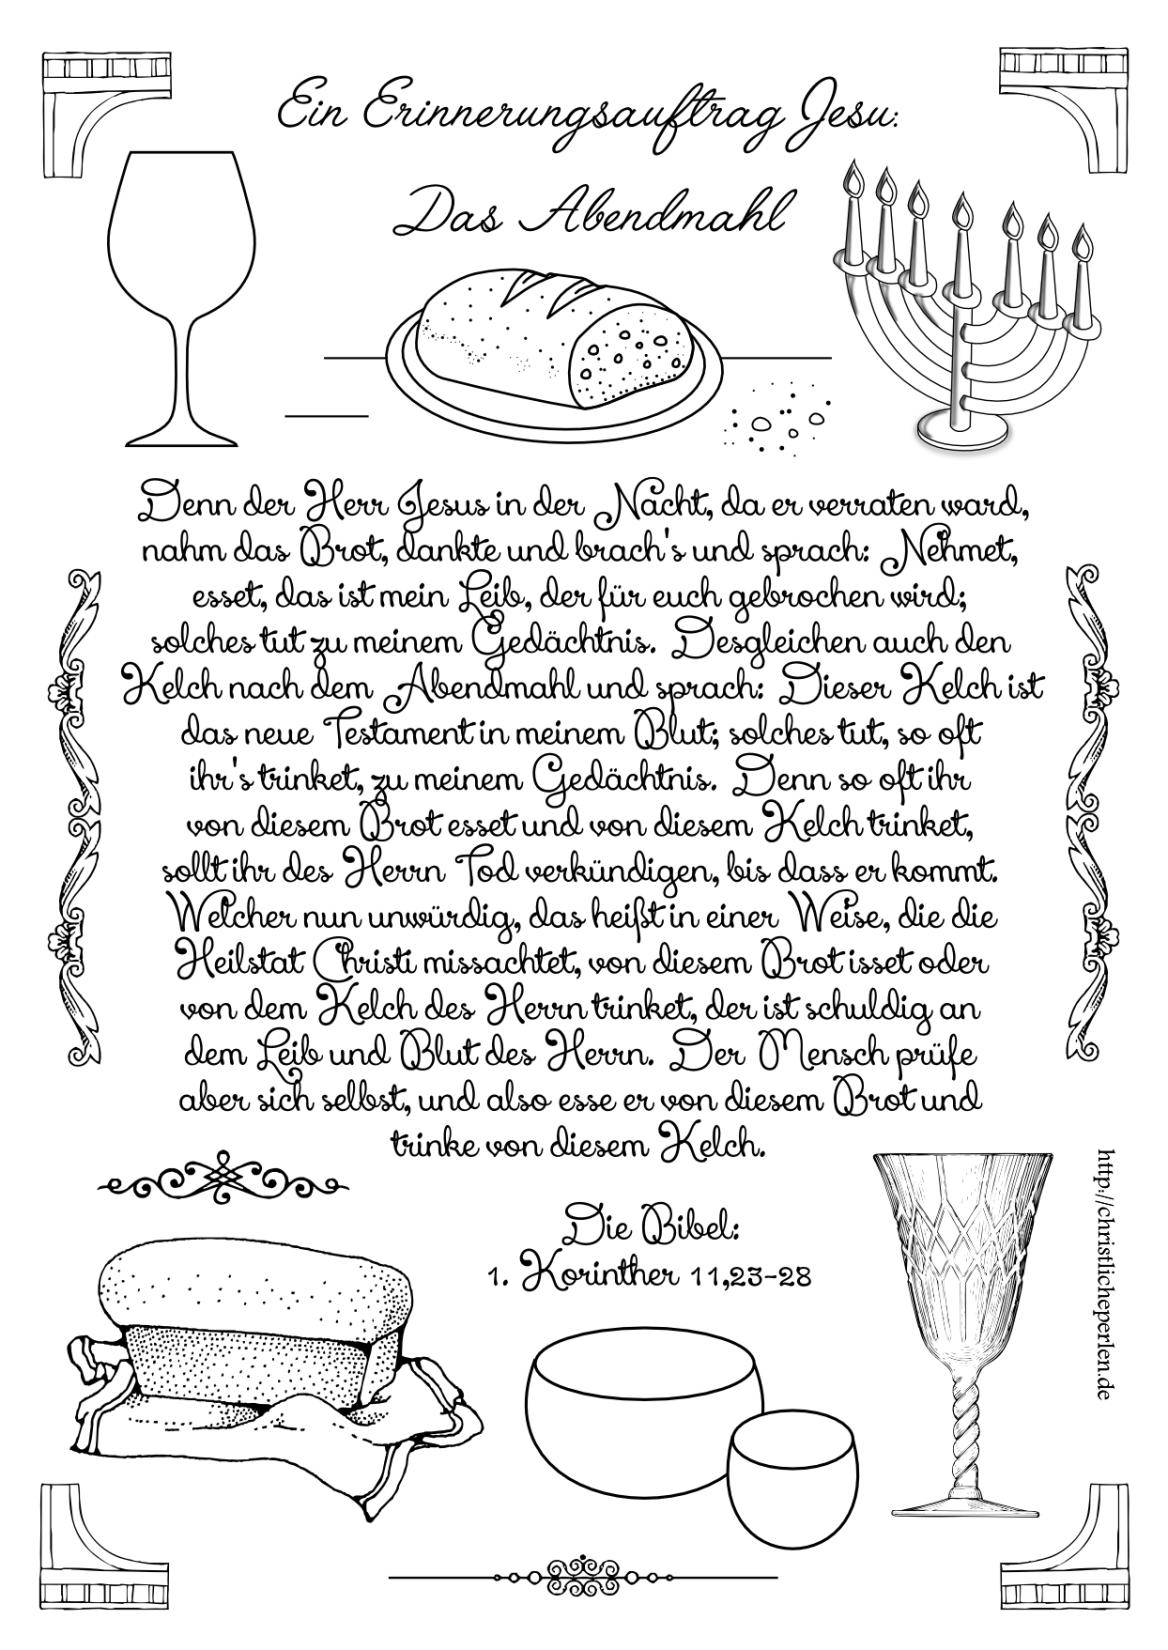 Abendmahl RU Ostern Pinterest Abendmahl